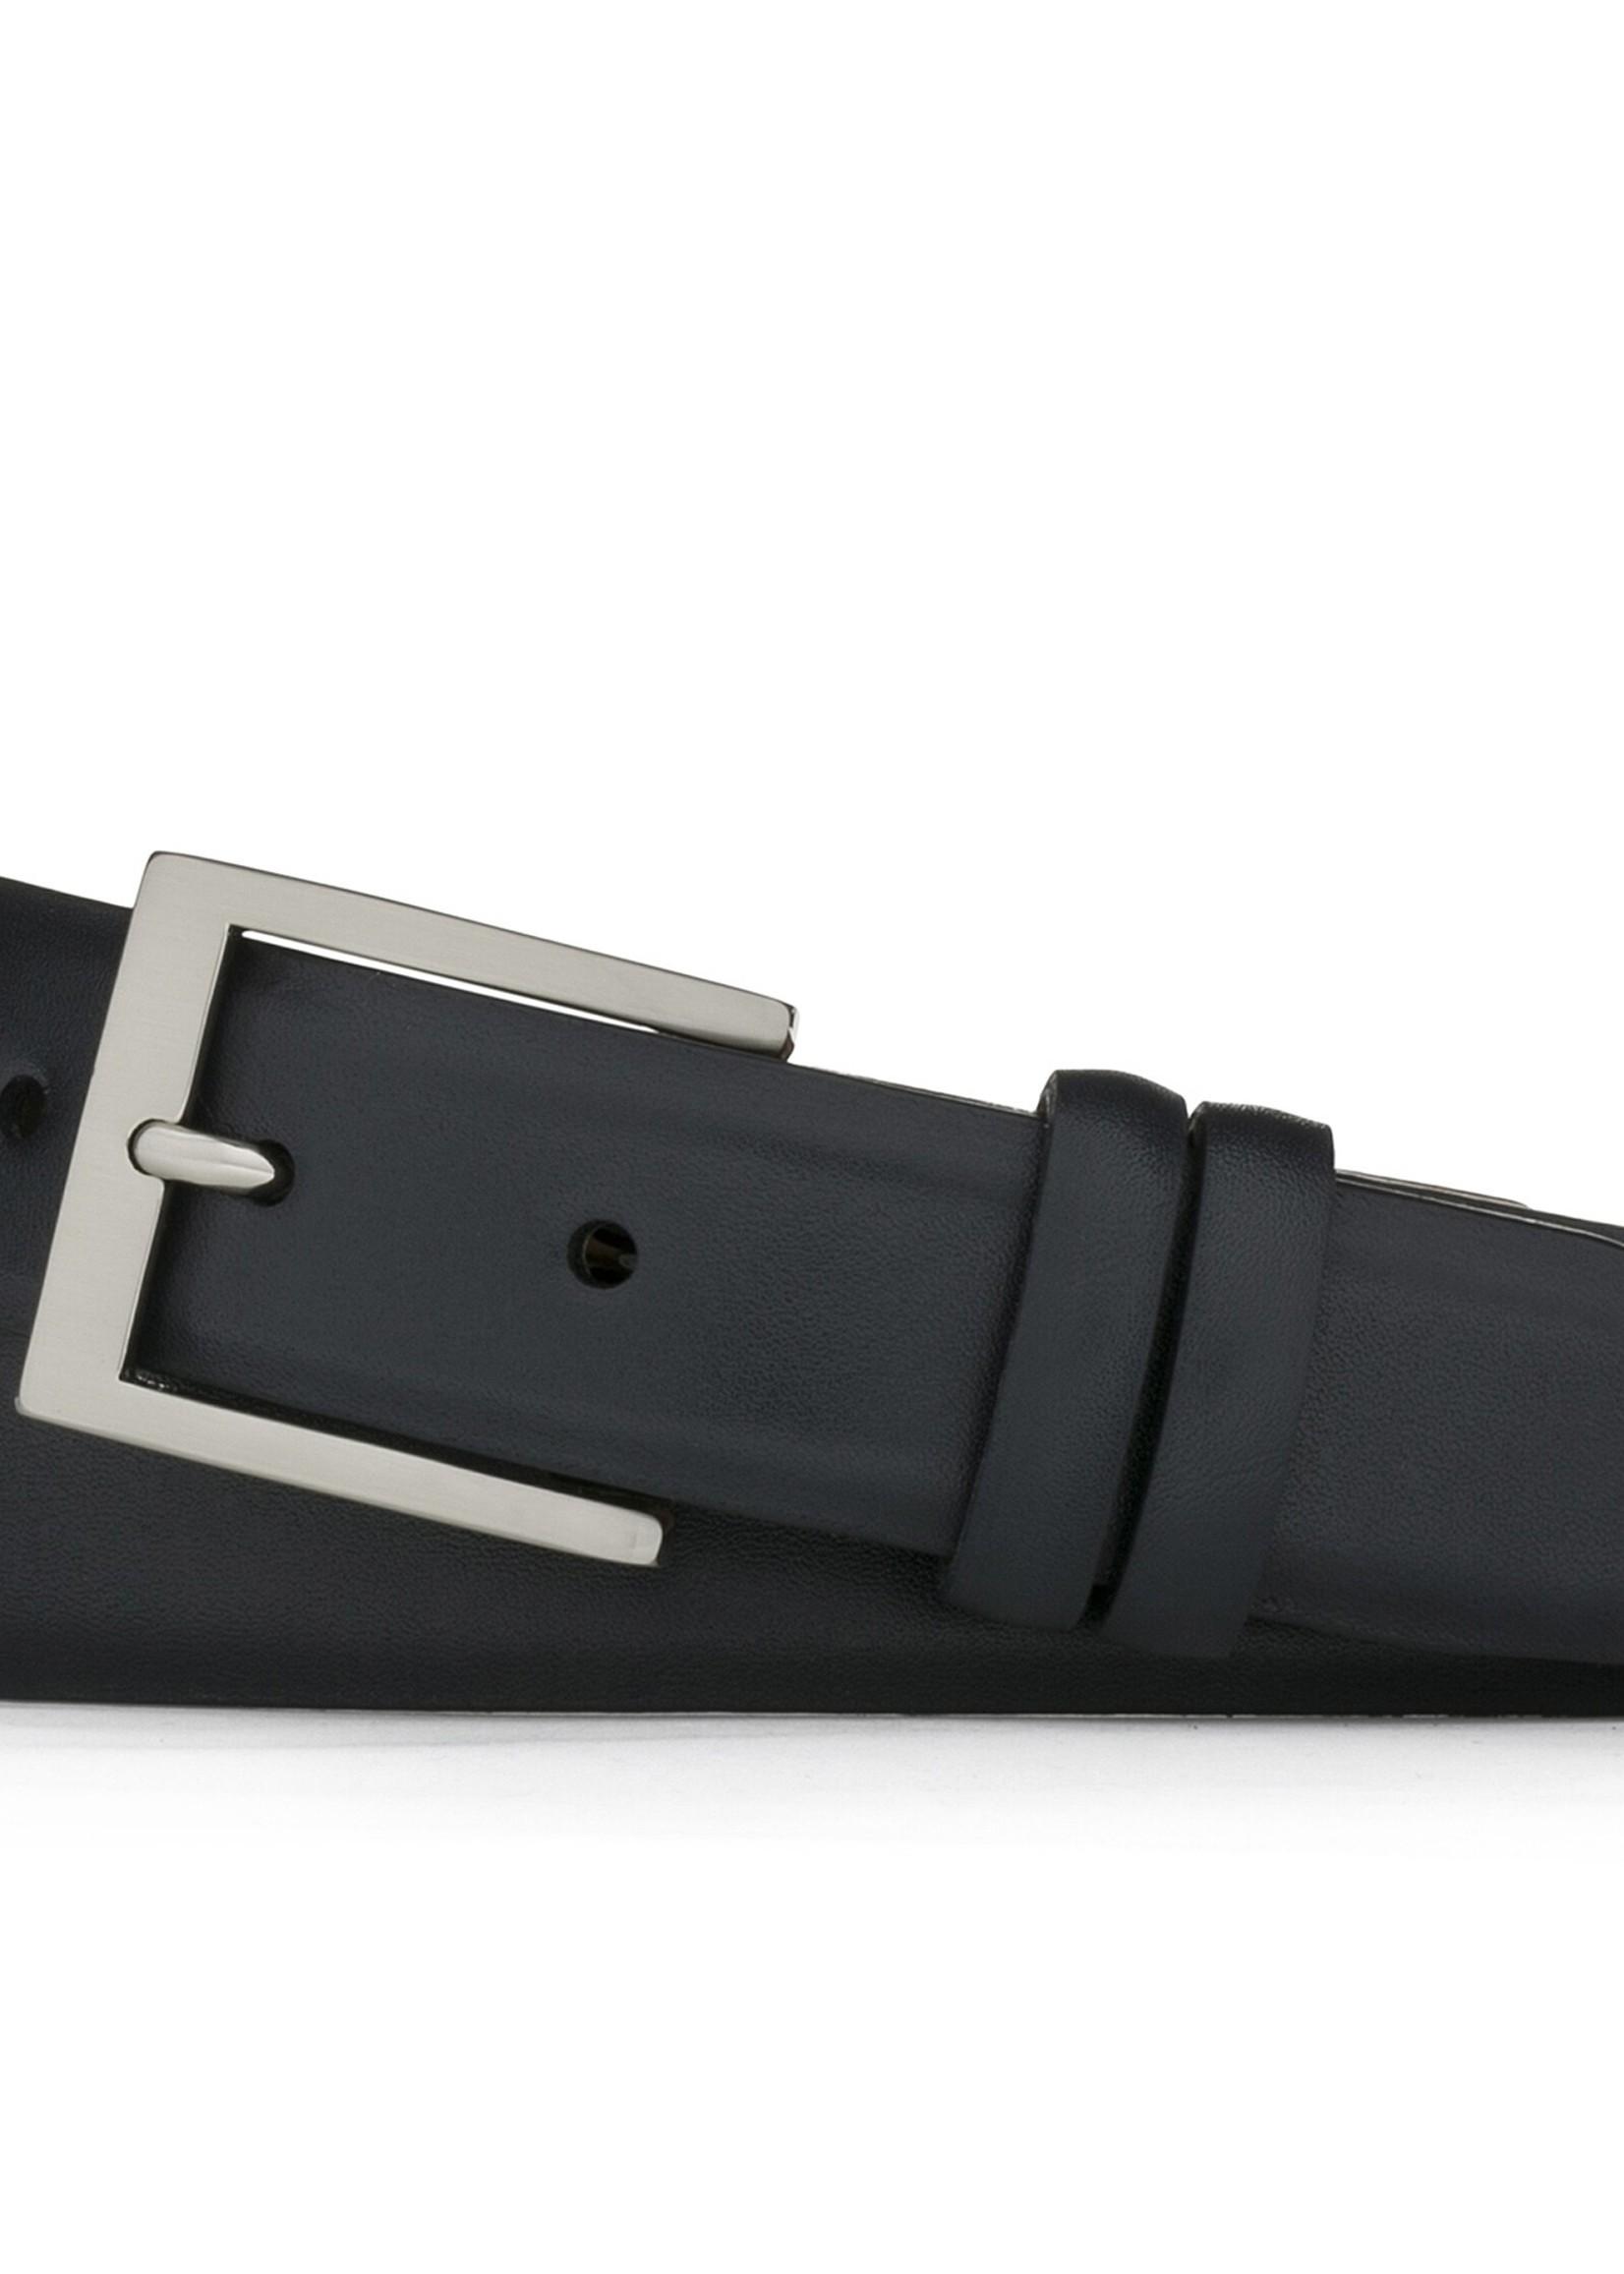 W. Kleinberg W. Kleinberg Black Dress Belt by